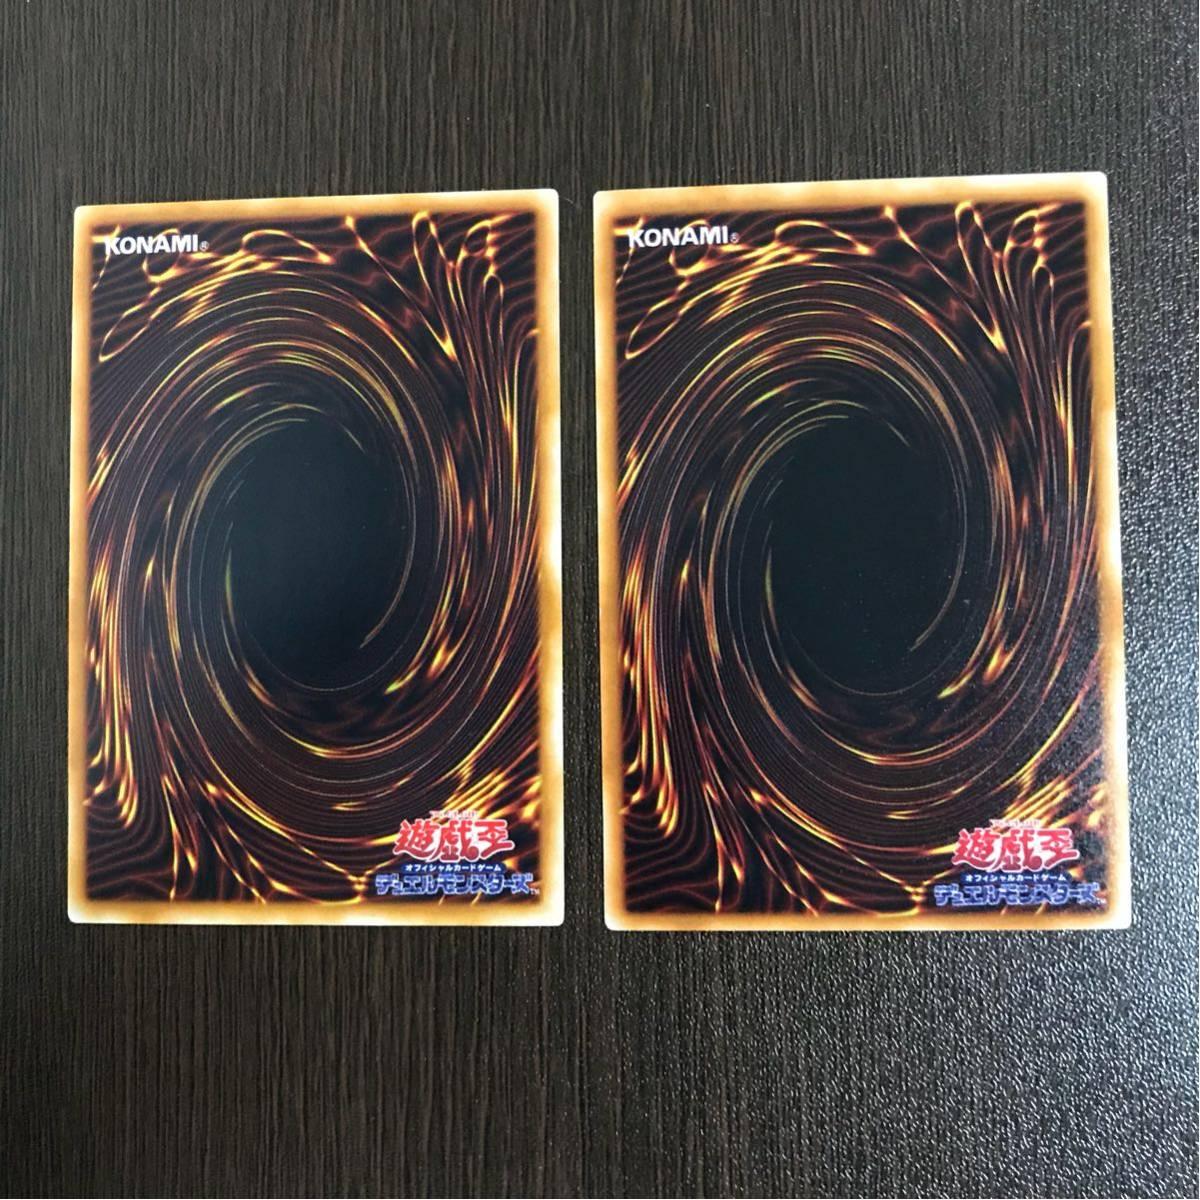 遊戯王 美品 劇場版 スターターボックス 限定5000枚 5枚セット_画像5